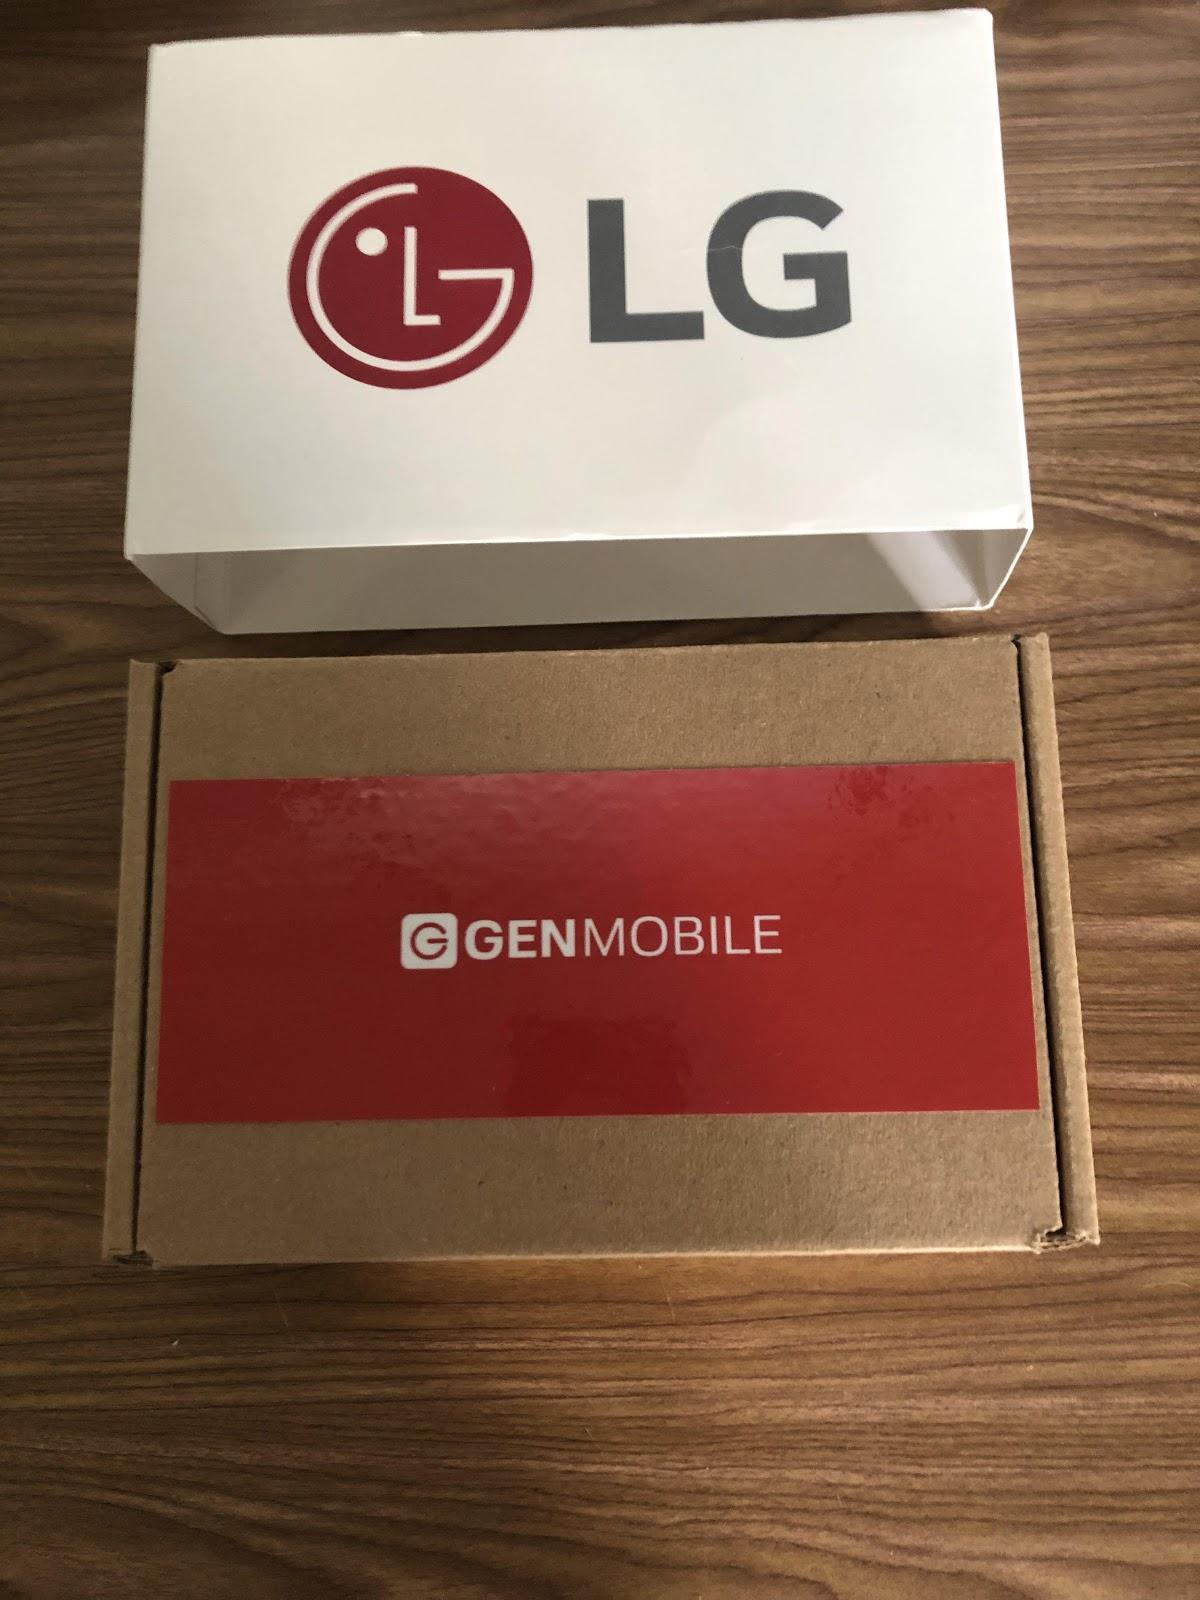 """LG """"width ="""" 1200 """"višina ="""" 1600 """"srcset ="""" https://www.savingadvice.com/wp-content/uploads/2019/10/LG.jpg 1200w, https://www.savingadvice.com/ wp-content / uploads / 2019/10 / LG-225x300.jpg 225w, https://www.savingadvice.com/wp-content/uploads/2019/10/LG-768x1024.jpg 768w, https: // www. savingadvice.com/wp-content/uploads/2019/10/LG-525x700.jpg 525w, https://www.savingadvice.com/wp-content/uploads/2019/10/LG-100x133.jpg 100w """"velikosti = """"(največja širina: 1200px) 100vw, 1200px"""" /></p> <p>Nato sem ob odprtju videl svoj telefon in navodila – z določenimi načrti za telefon in kako začeti. Mimogrede, bilo je zelo enostavno. Moral sem samo napolniti telefon in nato poklicati 611 (ali pa lahko pokličete iz ločenega telefona, če je lažje) in priklopiti moj telefon.</p> <p><img class="""